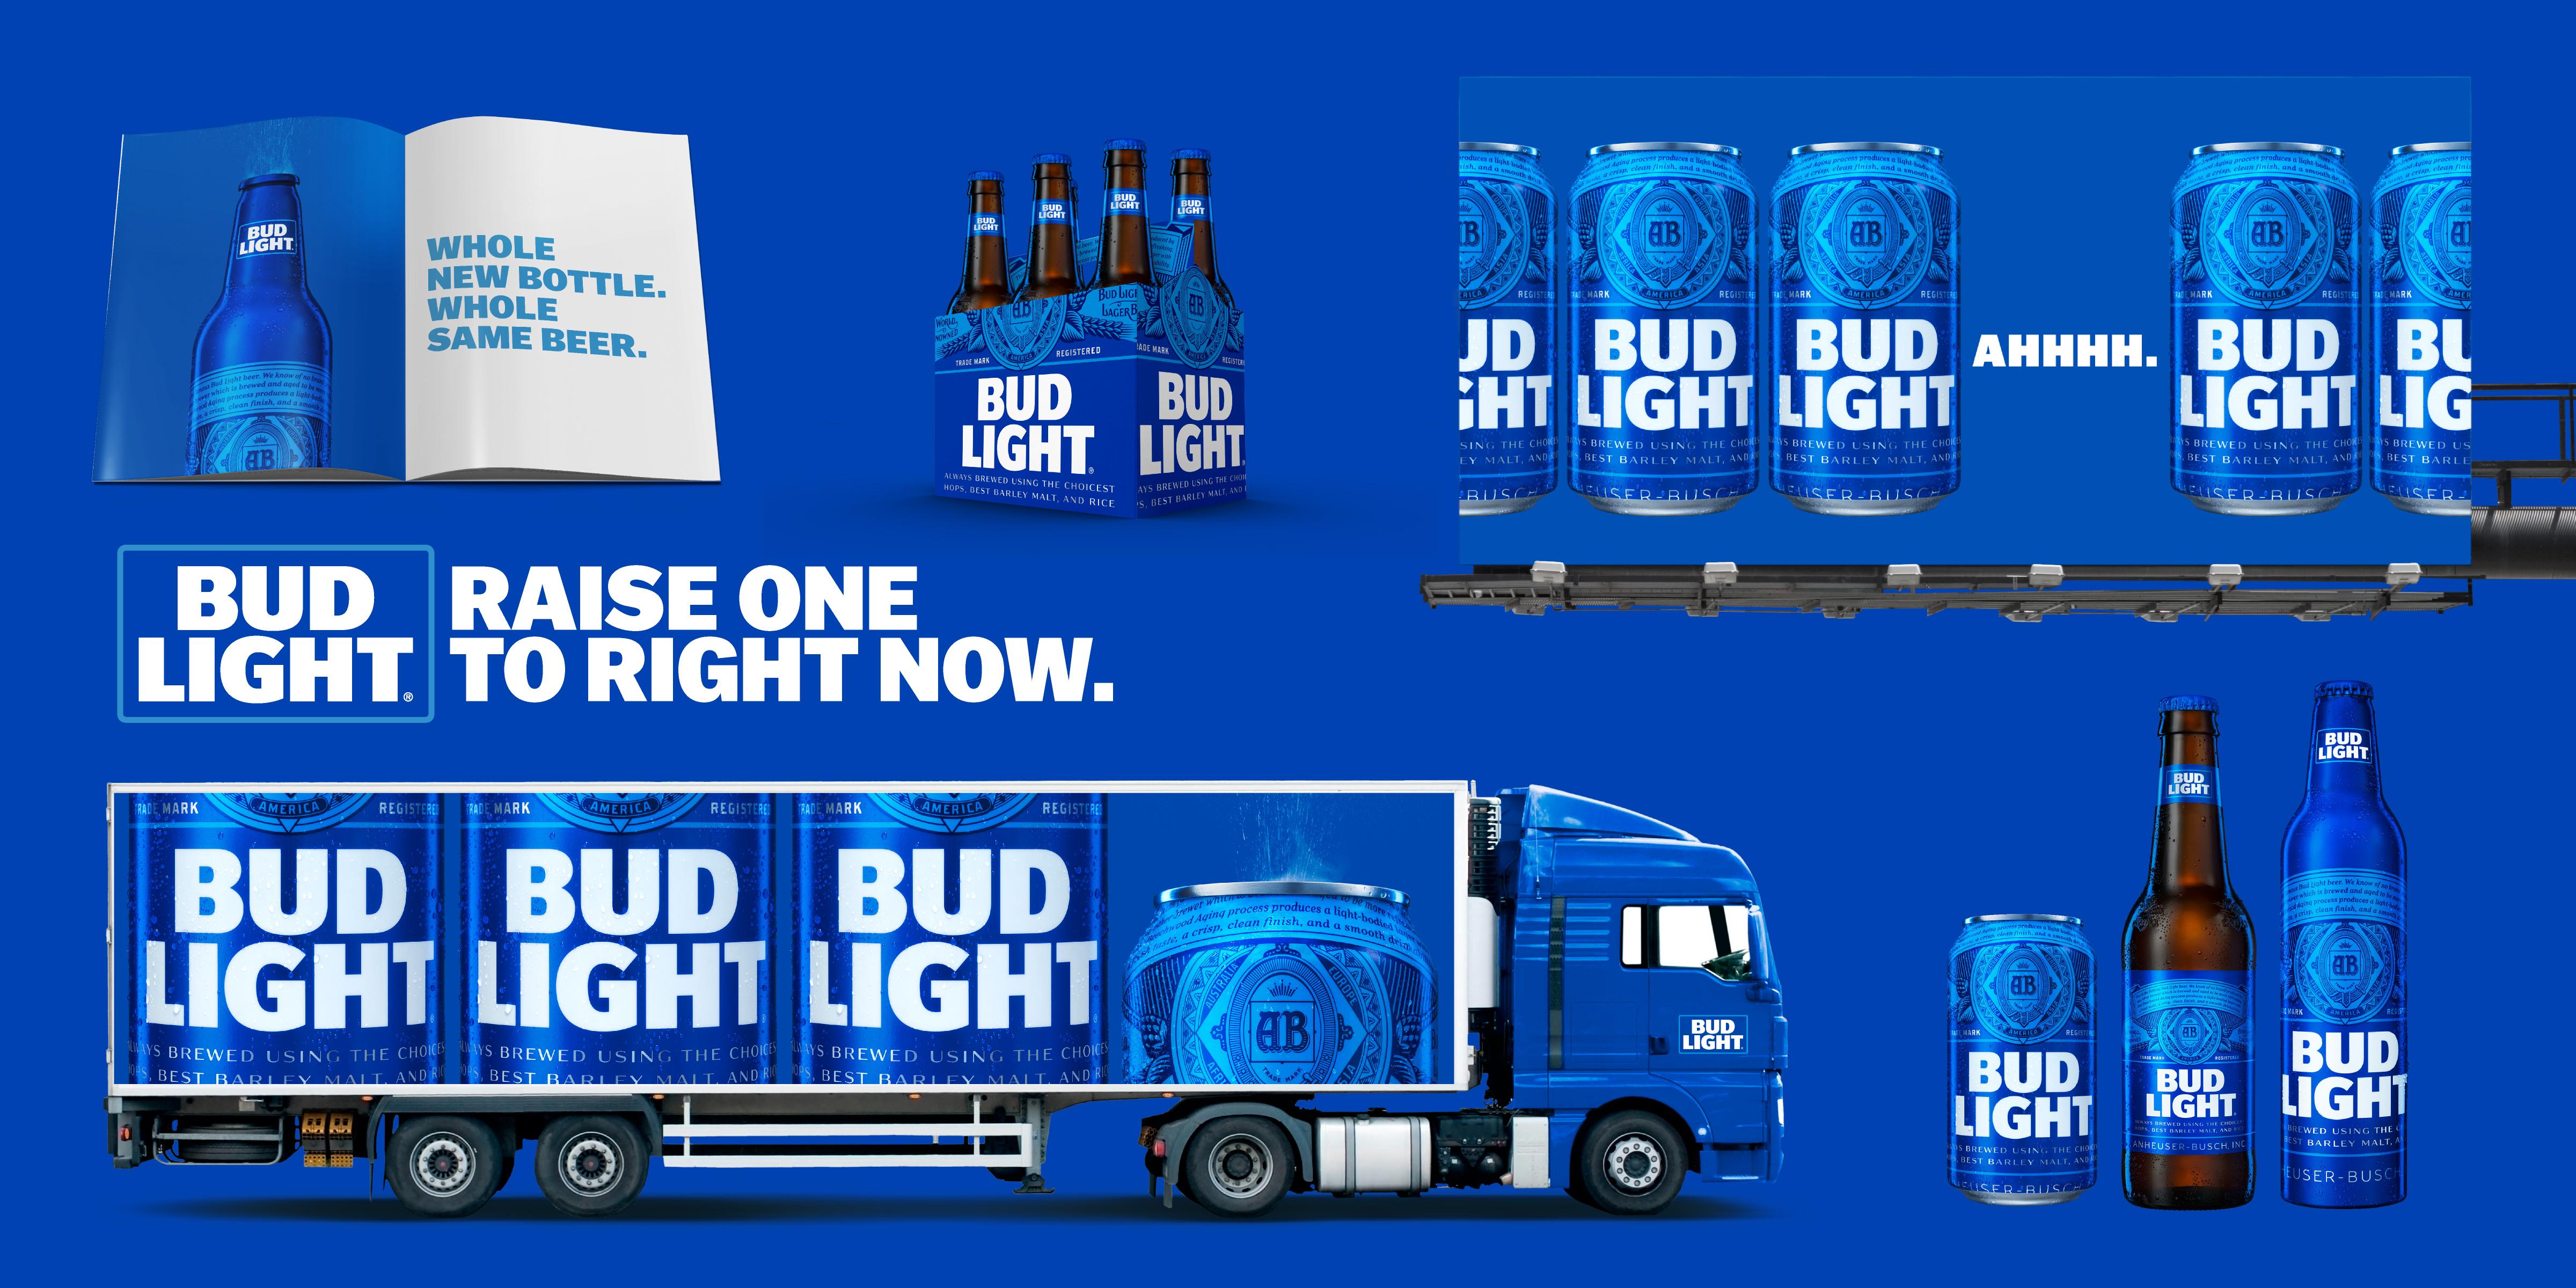 Thumbnail for Bud Light Rebrand